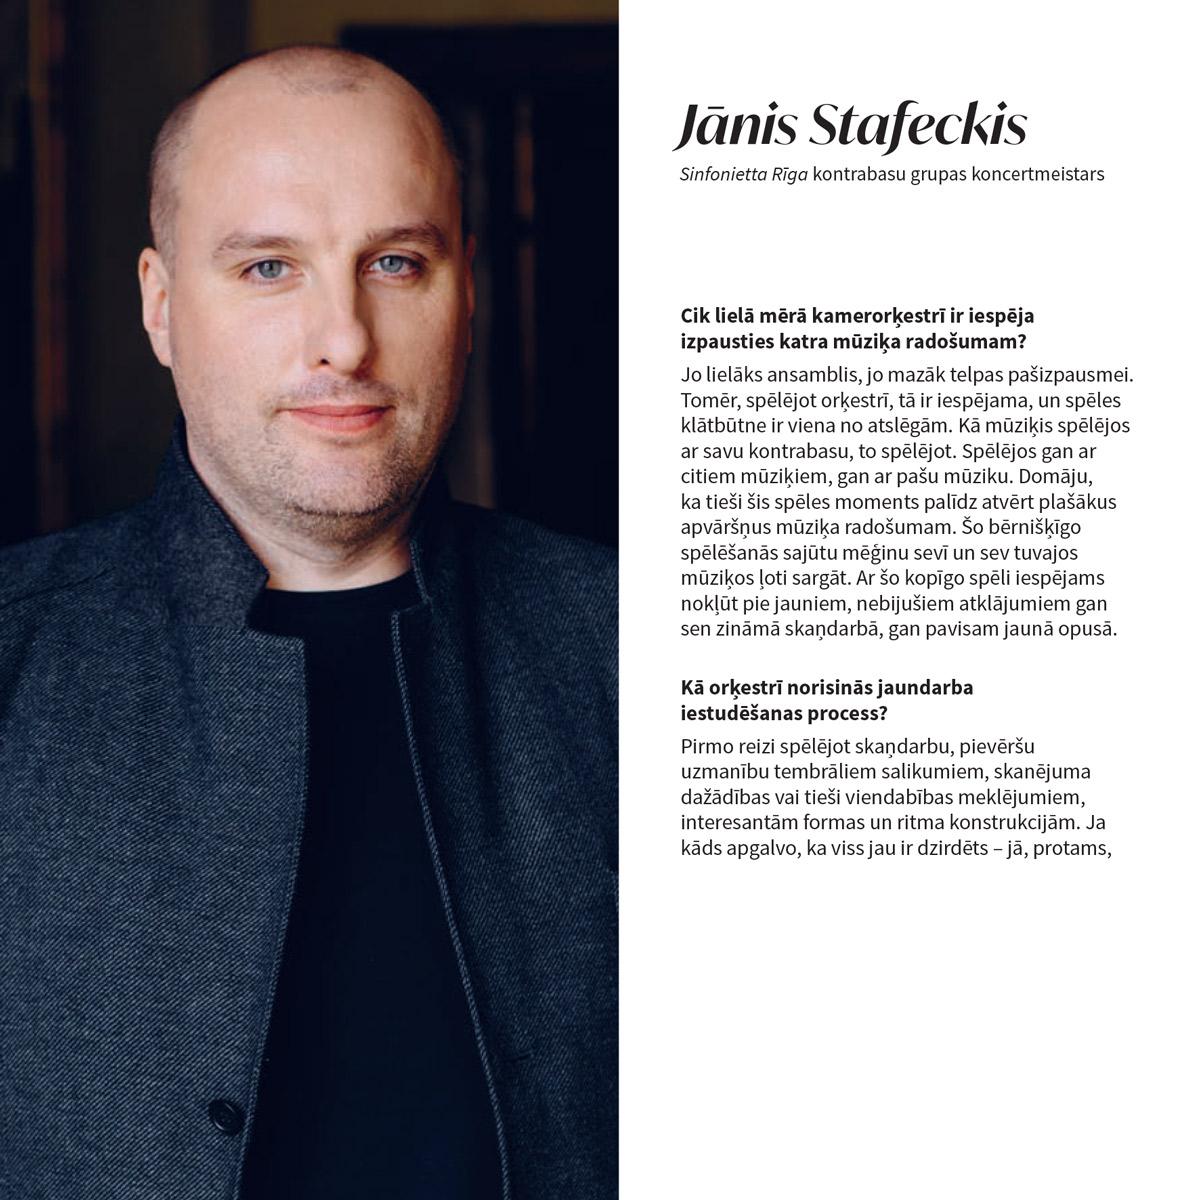 Jānis Stafeckis